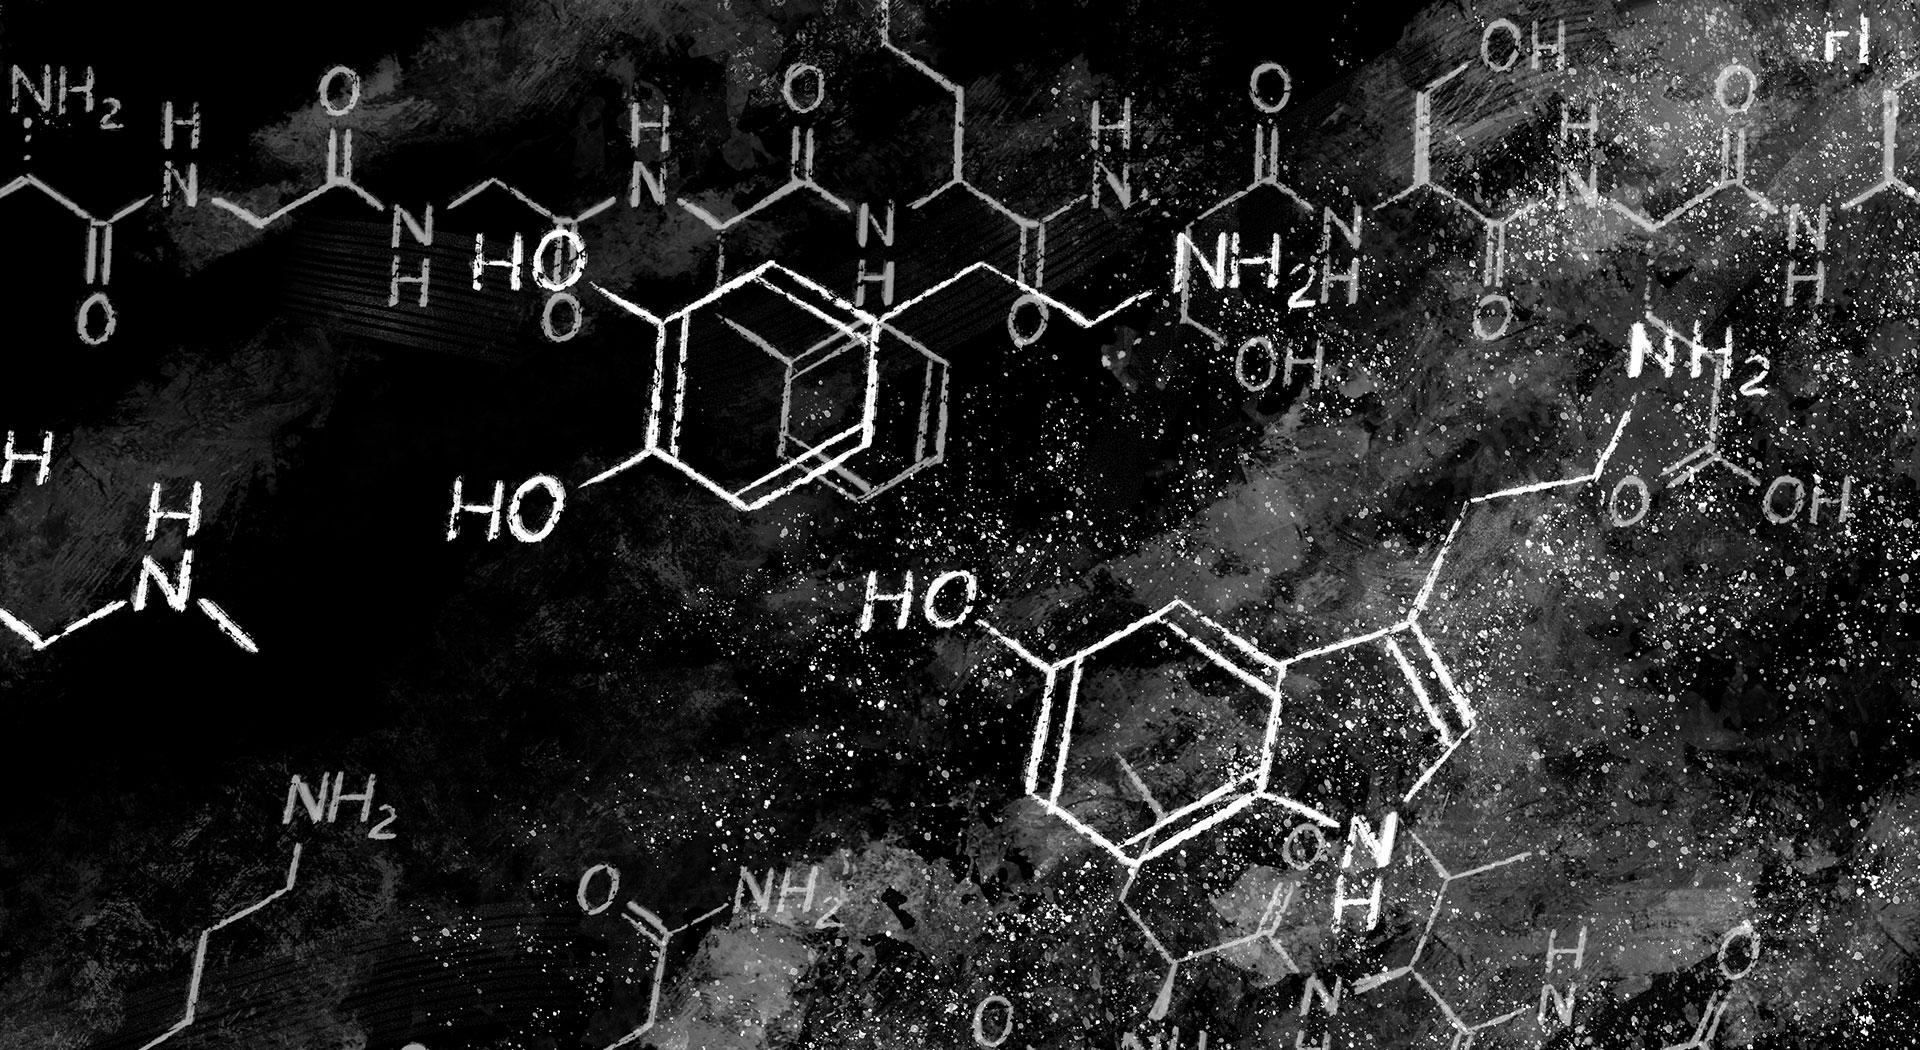 дофамин, серотонин, адреналин, эндорфины от Оксаны Бáйры